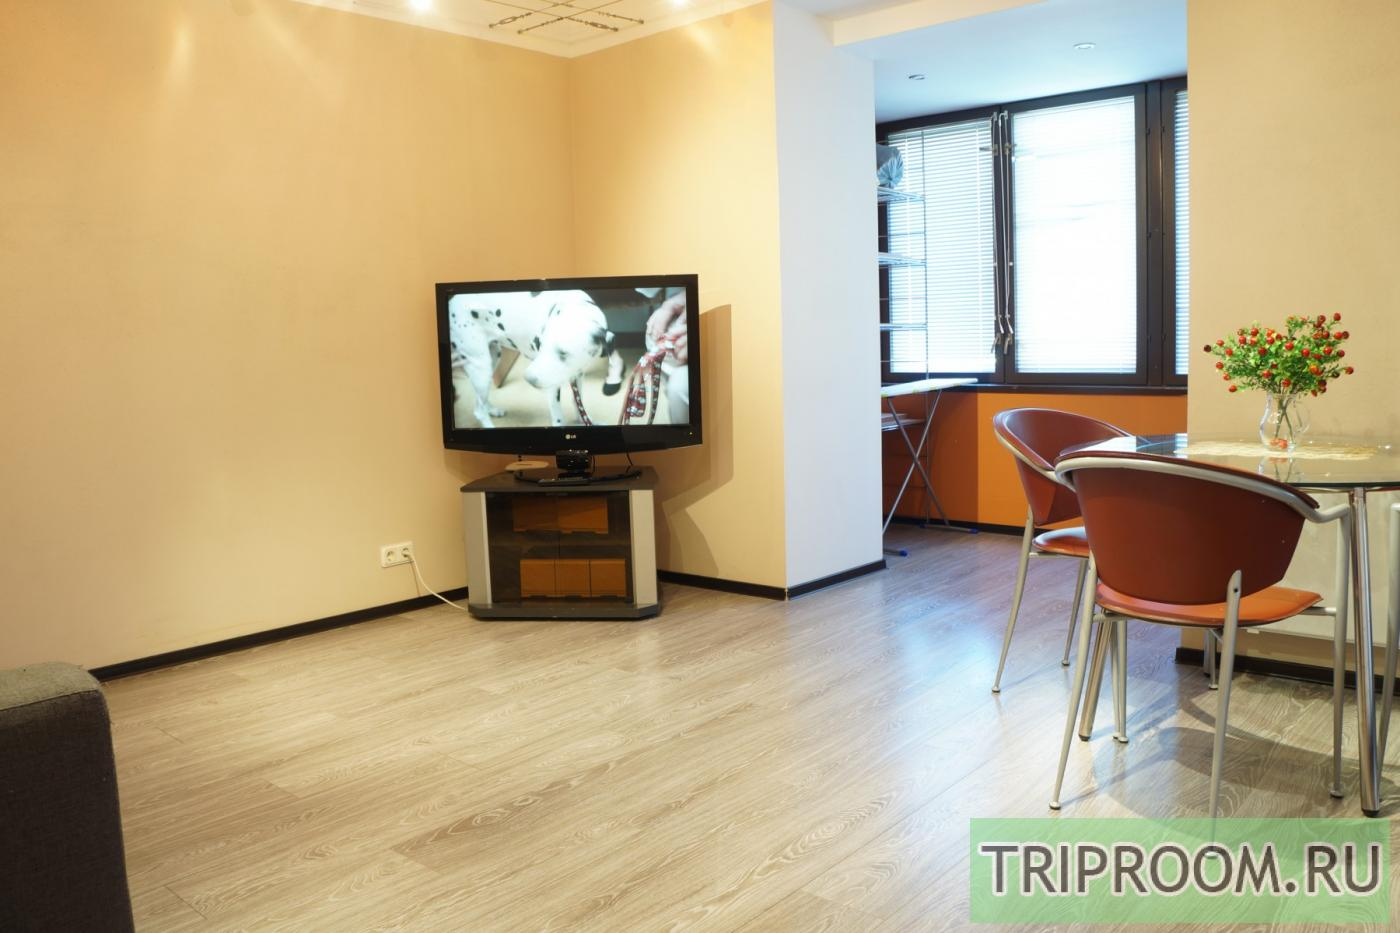 2-комнатная квартира посуточно (вариант № 28673), ул. Варшавская улица, фото № 2